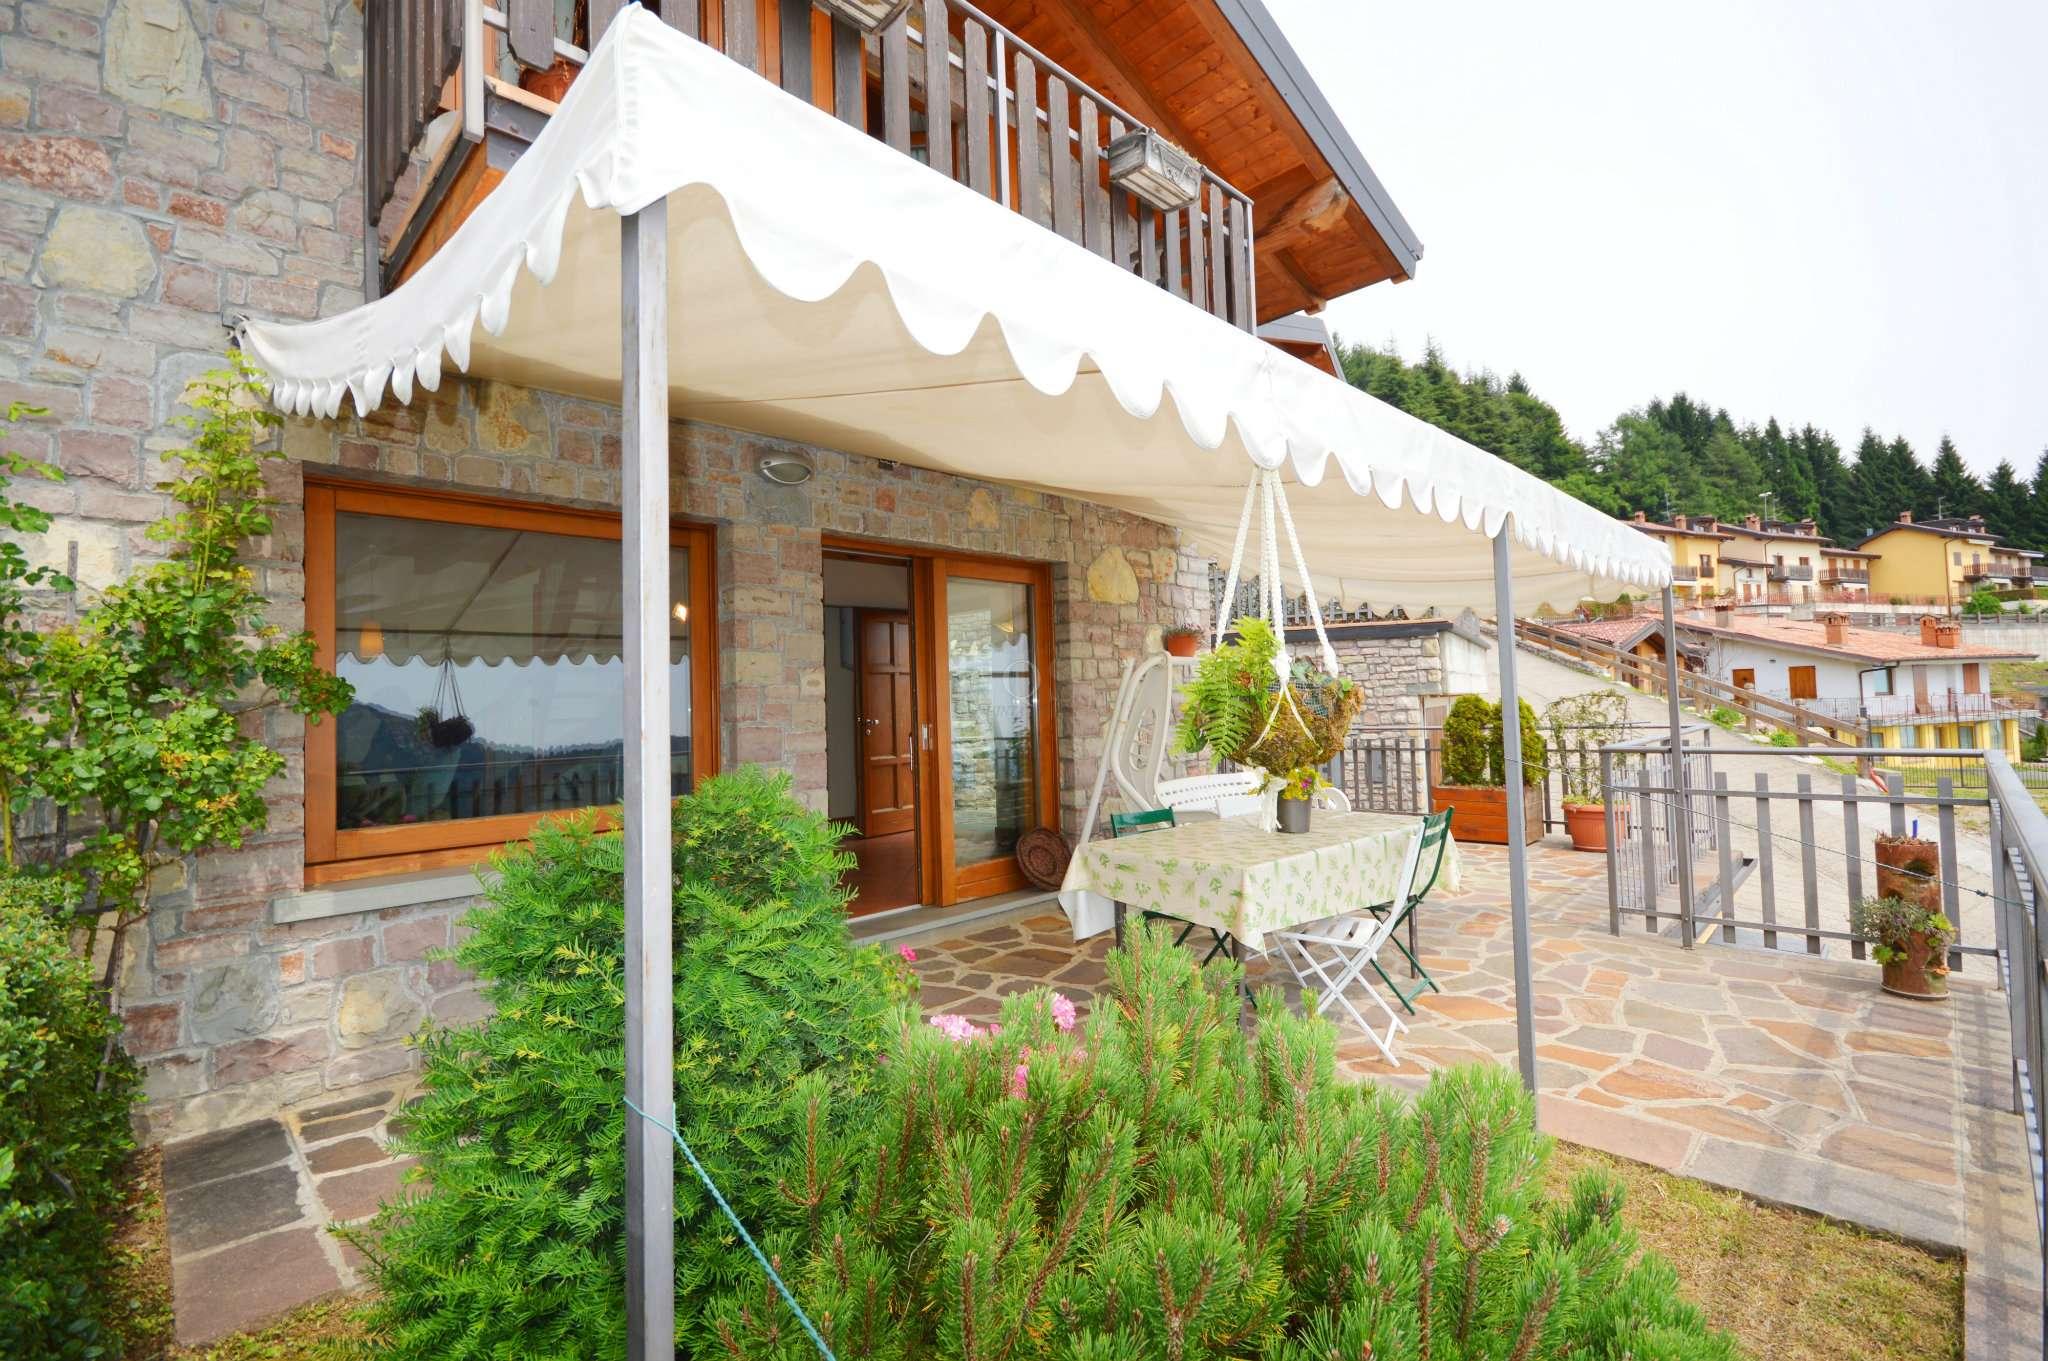 Soluzione Indipendente in vendita a Grone, 3 locali, prezzo € 159.000 | PortaleAgenzieImmobiliari.it